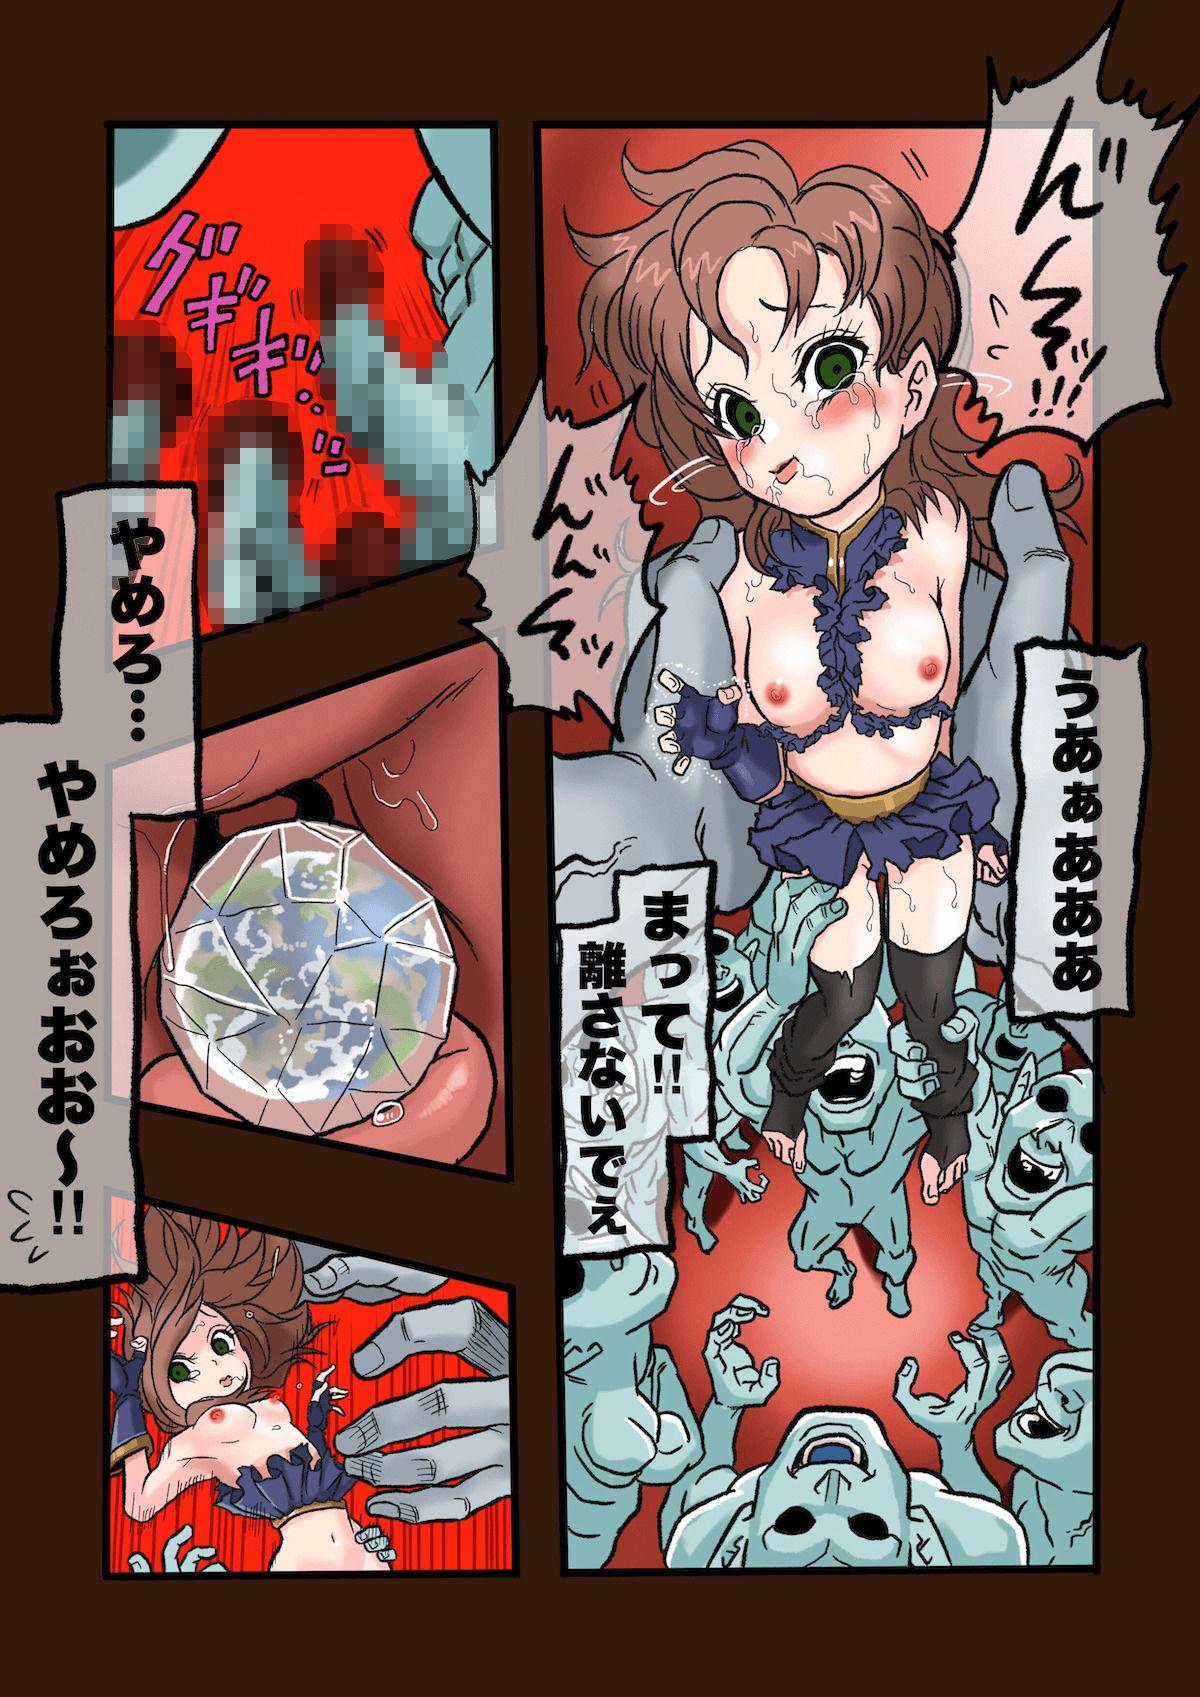 スーパーヒーローたまこ 〜地球を賭けた性戦〜